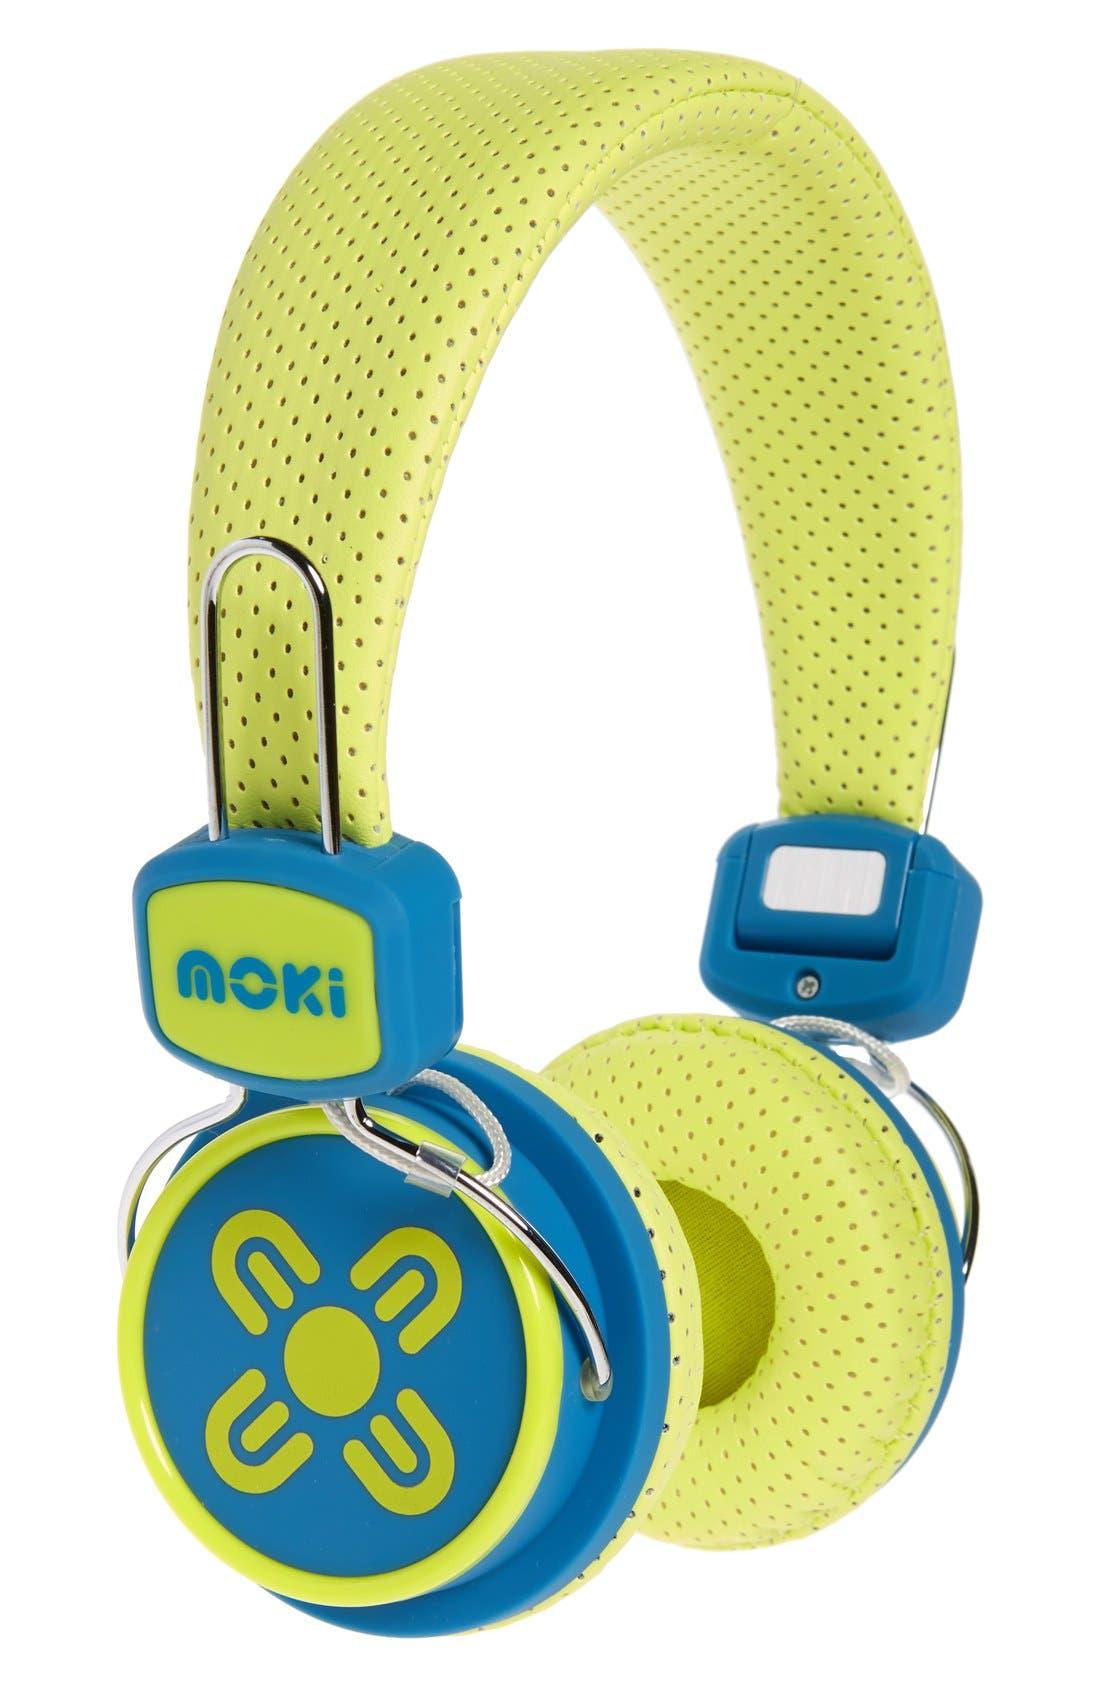 Alternate Image 1 Selected - Moki Volume Limited Headphones (Kids)